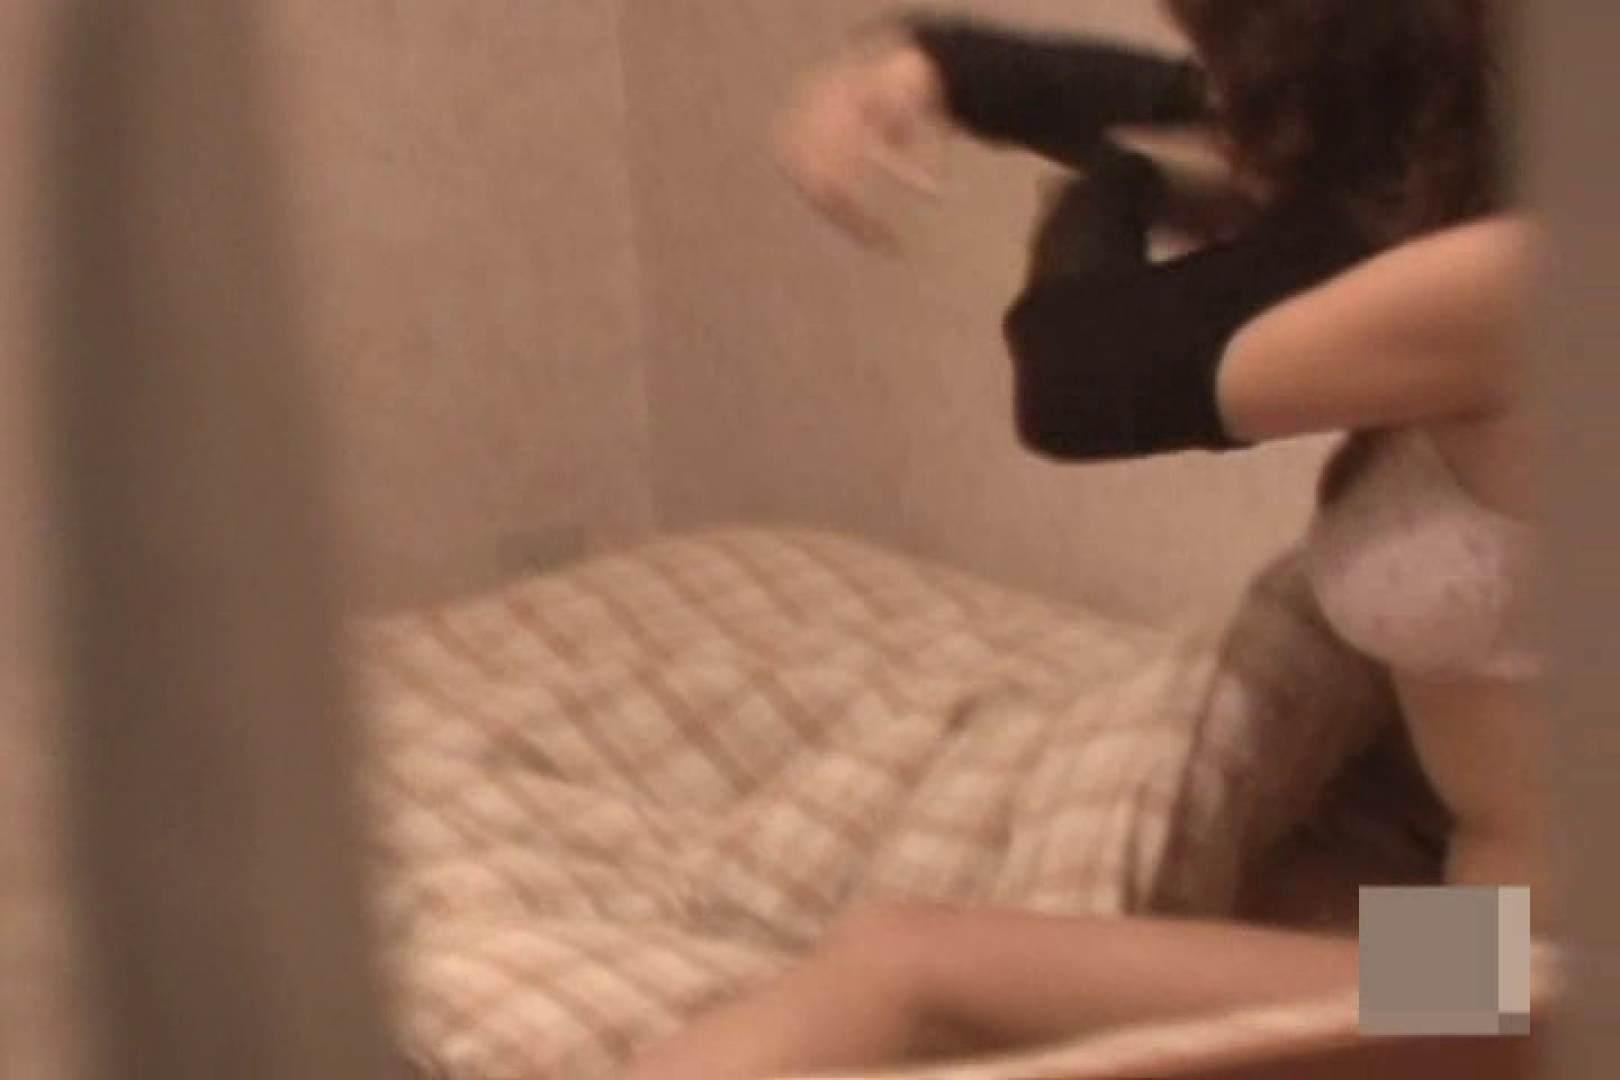 あの日あの時あのオナニーVol.7 エロすぎオナニー セックス無修正動画無料 59画像 51